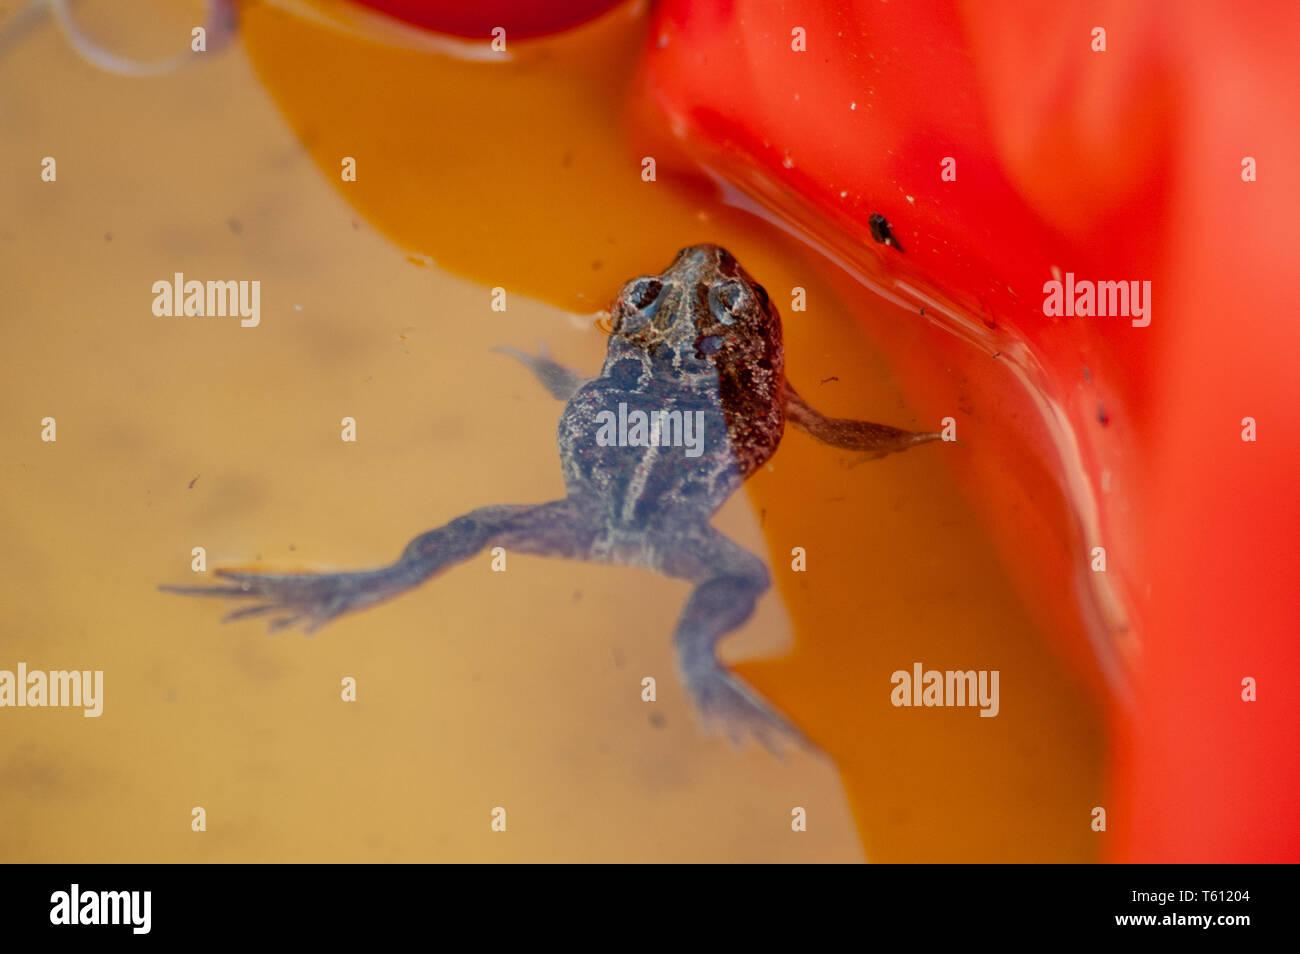 Eine kleine Knoblauch Kröte schwebt in einem Wasserbecken Stockfoto